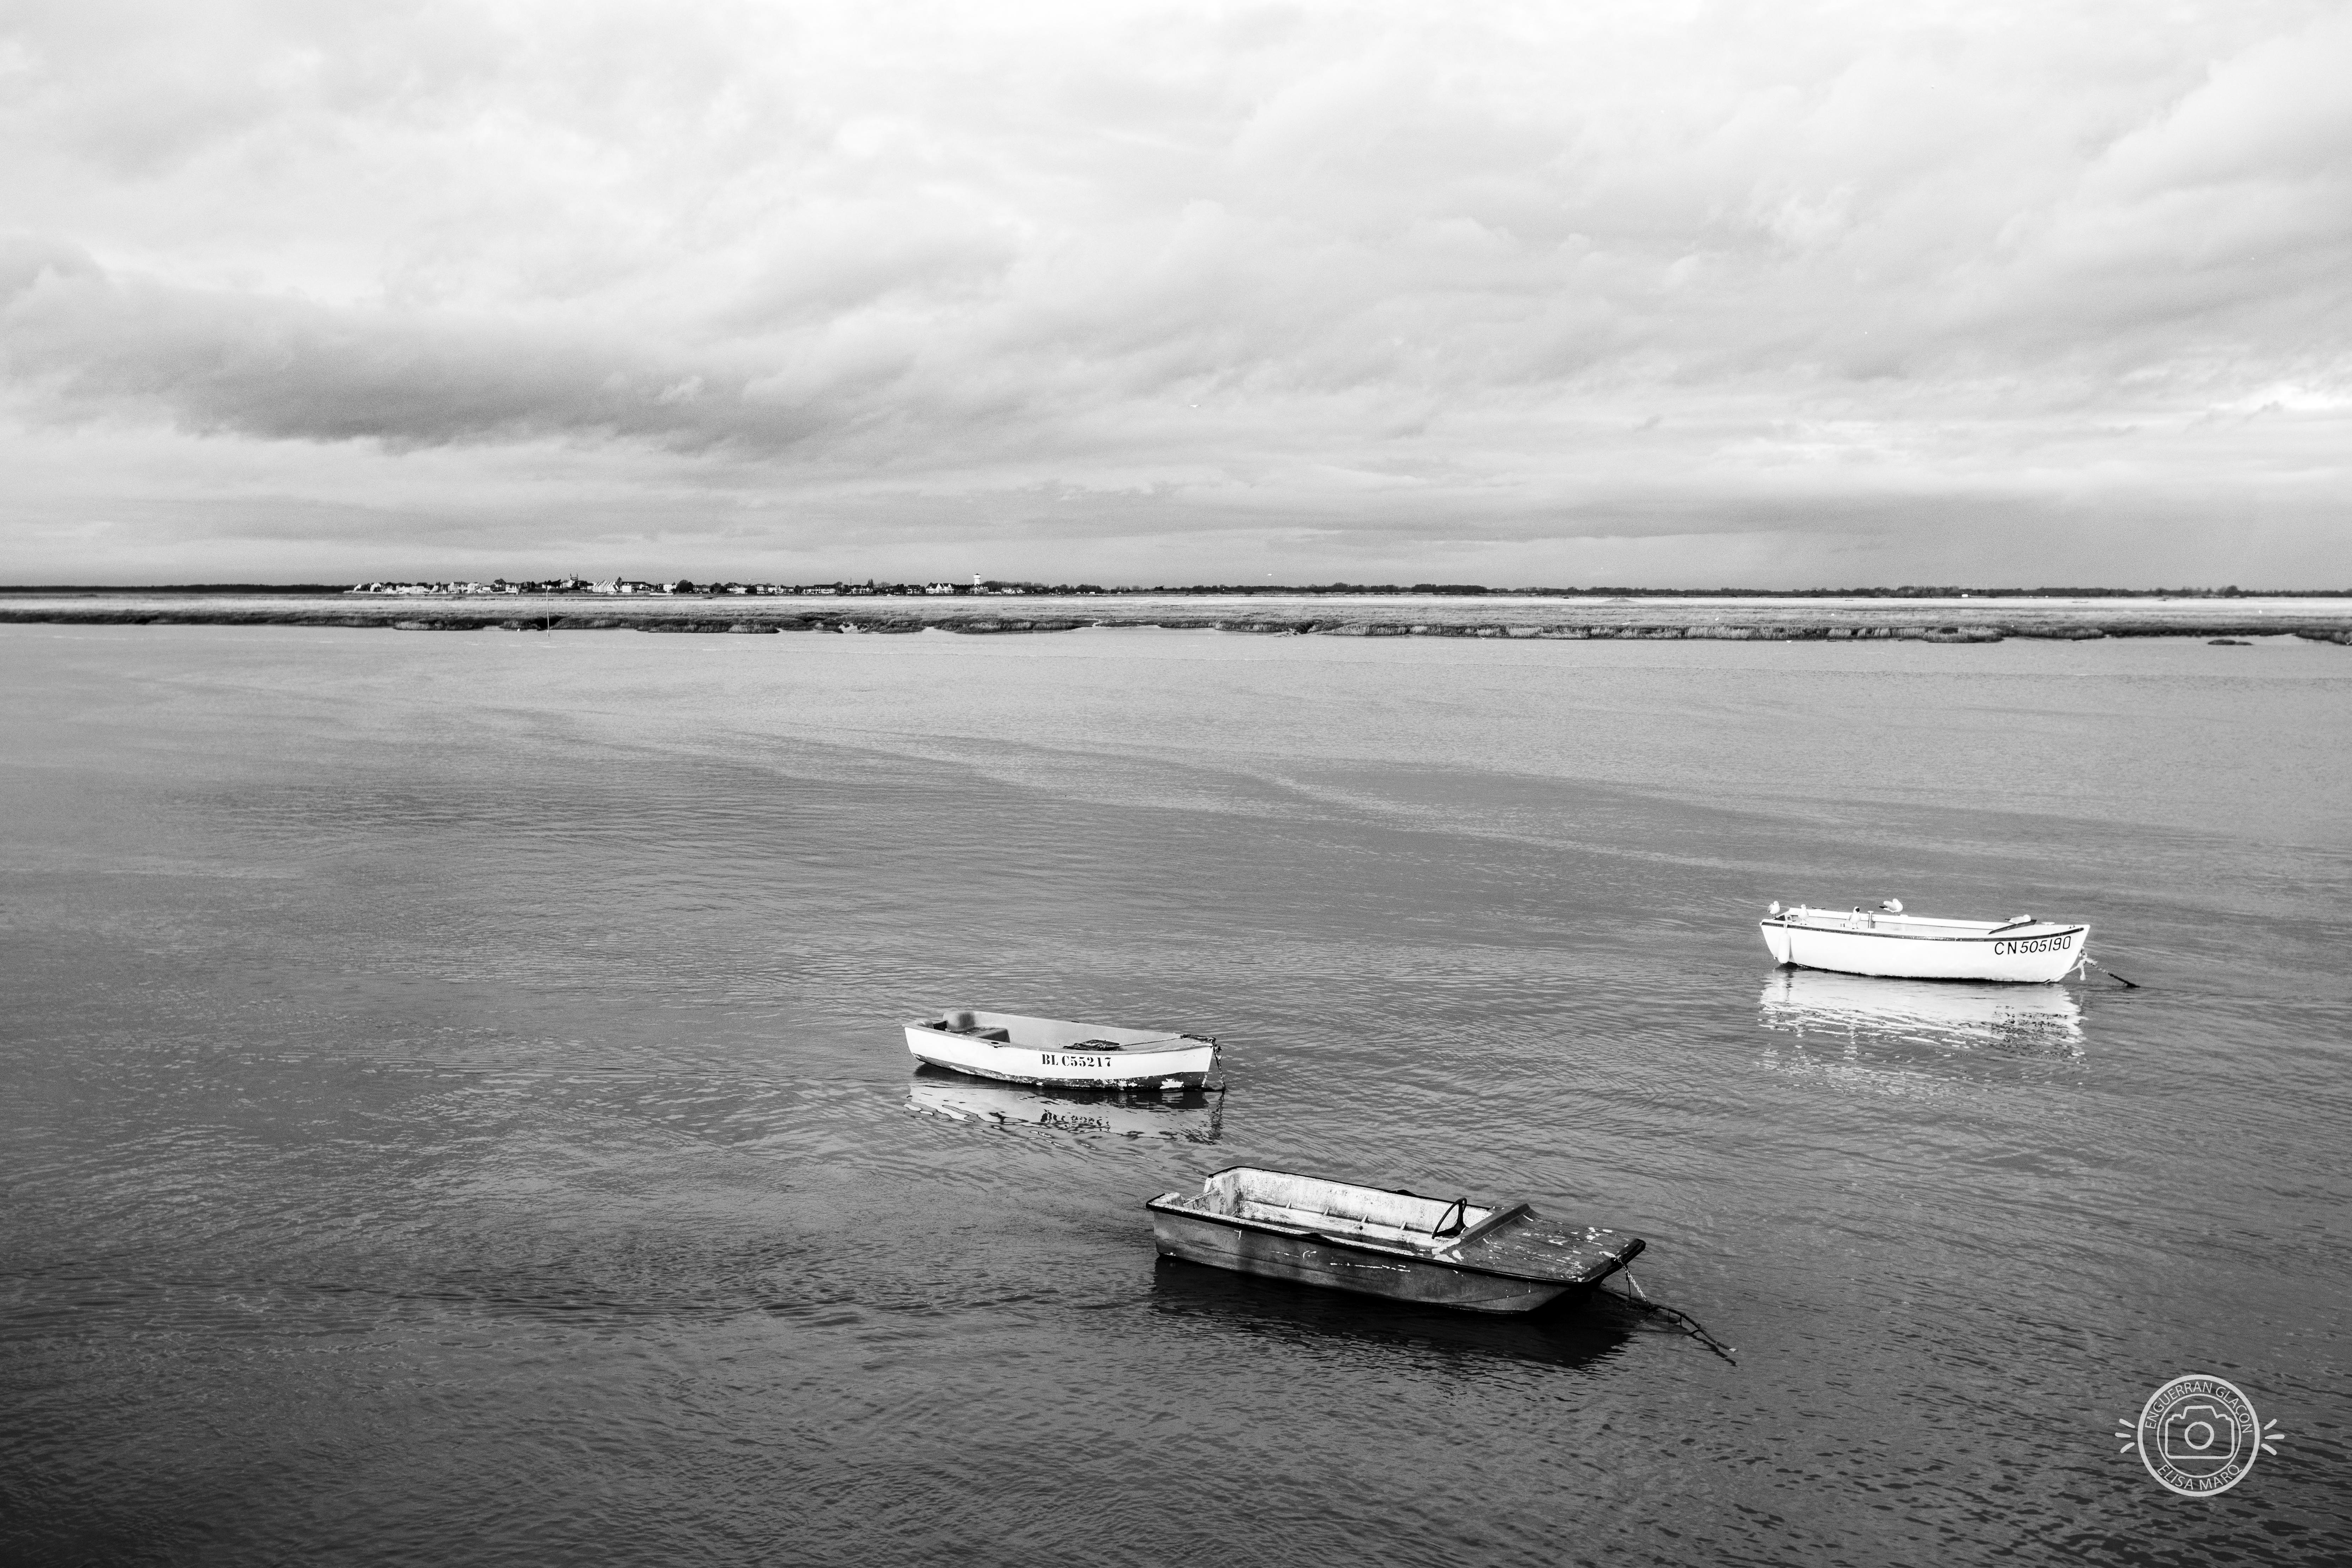 Baie de Somme - n°1